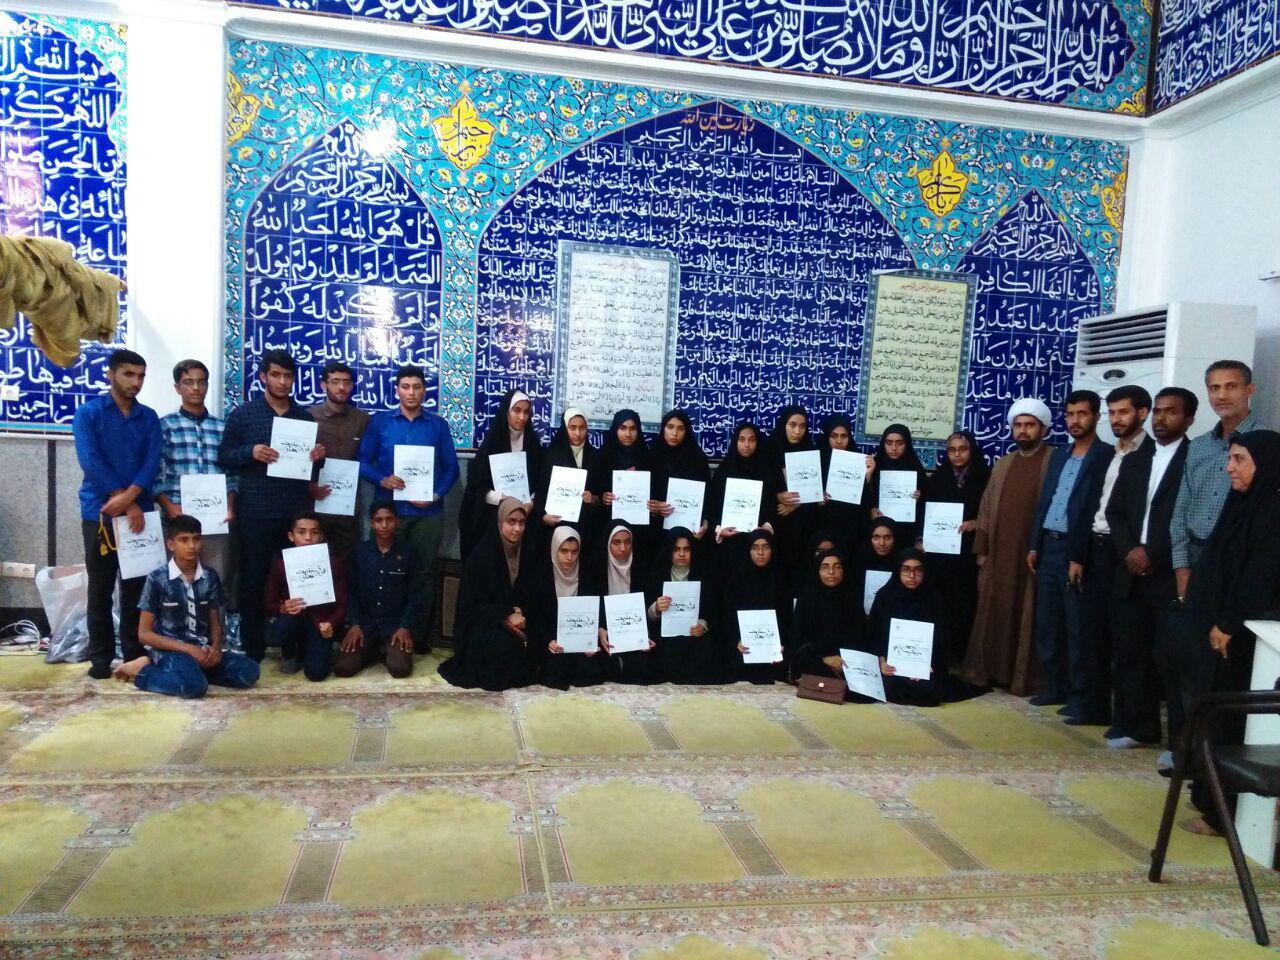 درخشش دانشآموزان بندرلنگهای در مسابقات قرآن و عترت هرمزگان+تصویر